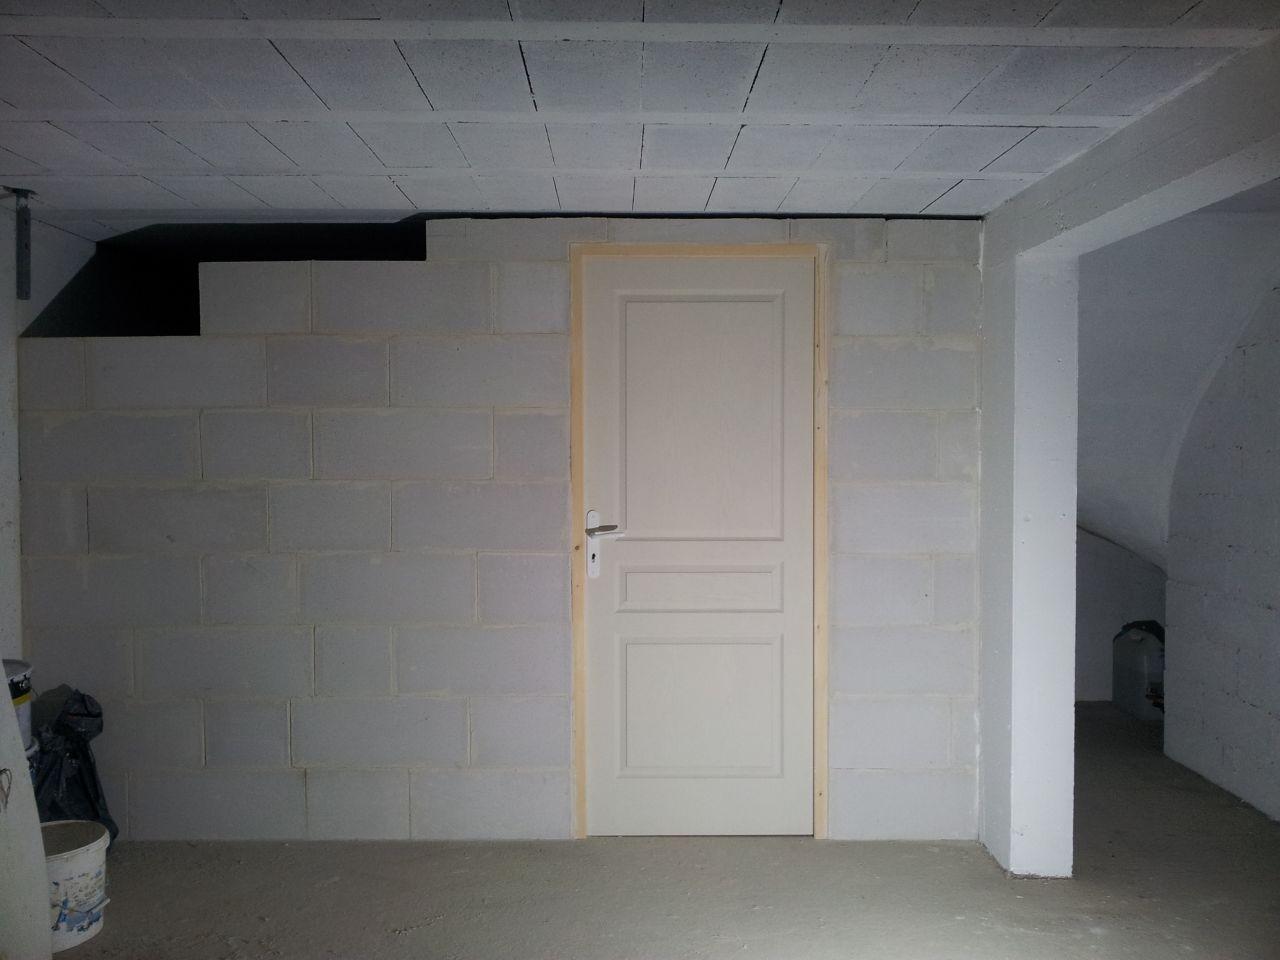 choix carrelage peinture sous sol cloison buanderie haut rhin. Black Bedroom Furniture Sets. Home Design Ideas